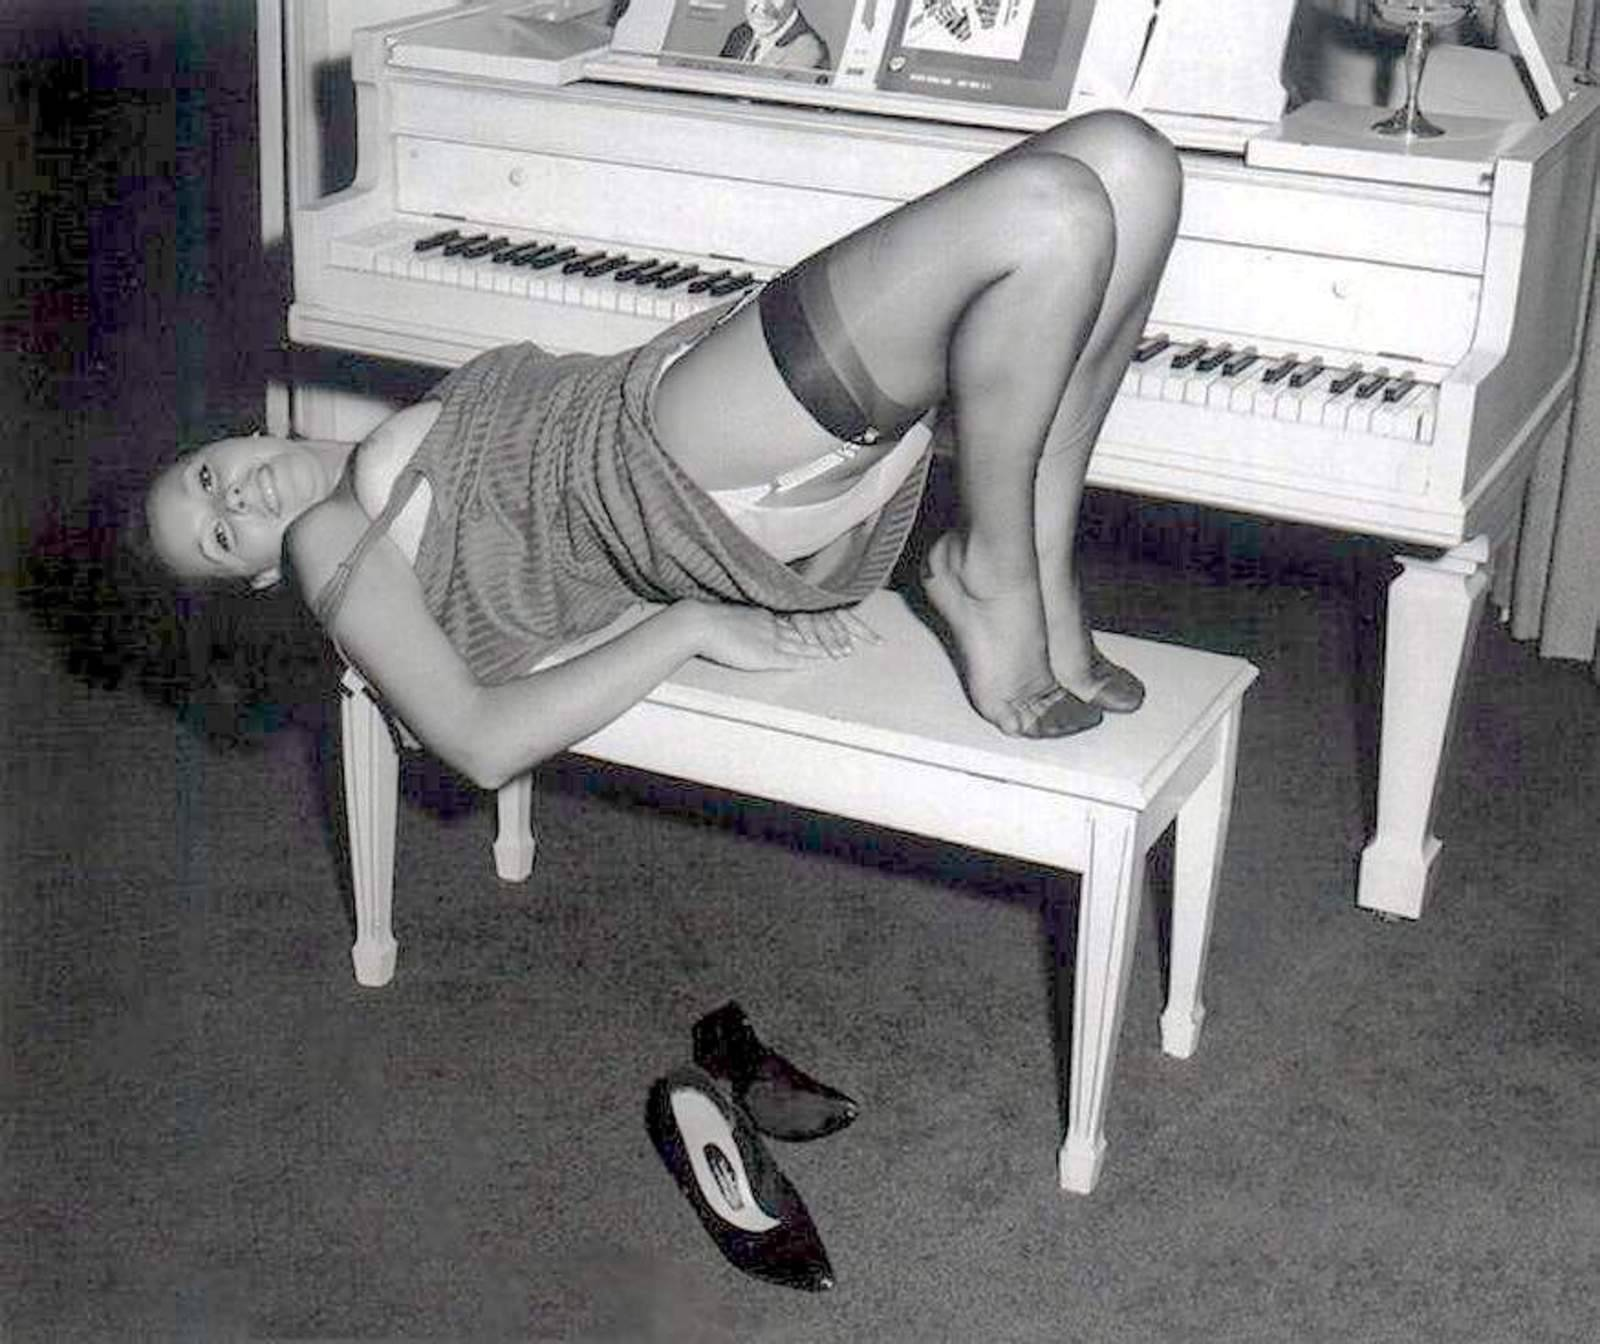 Ретро эротика нижнего белья фото 16 фотография